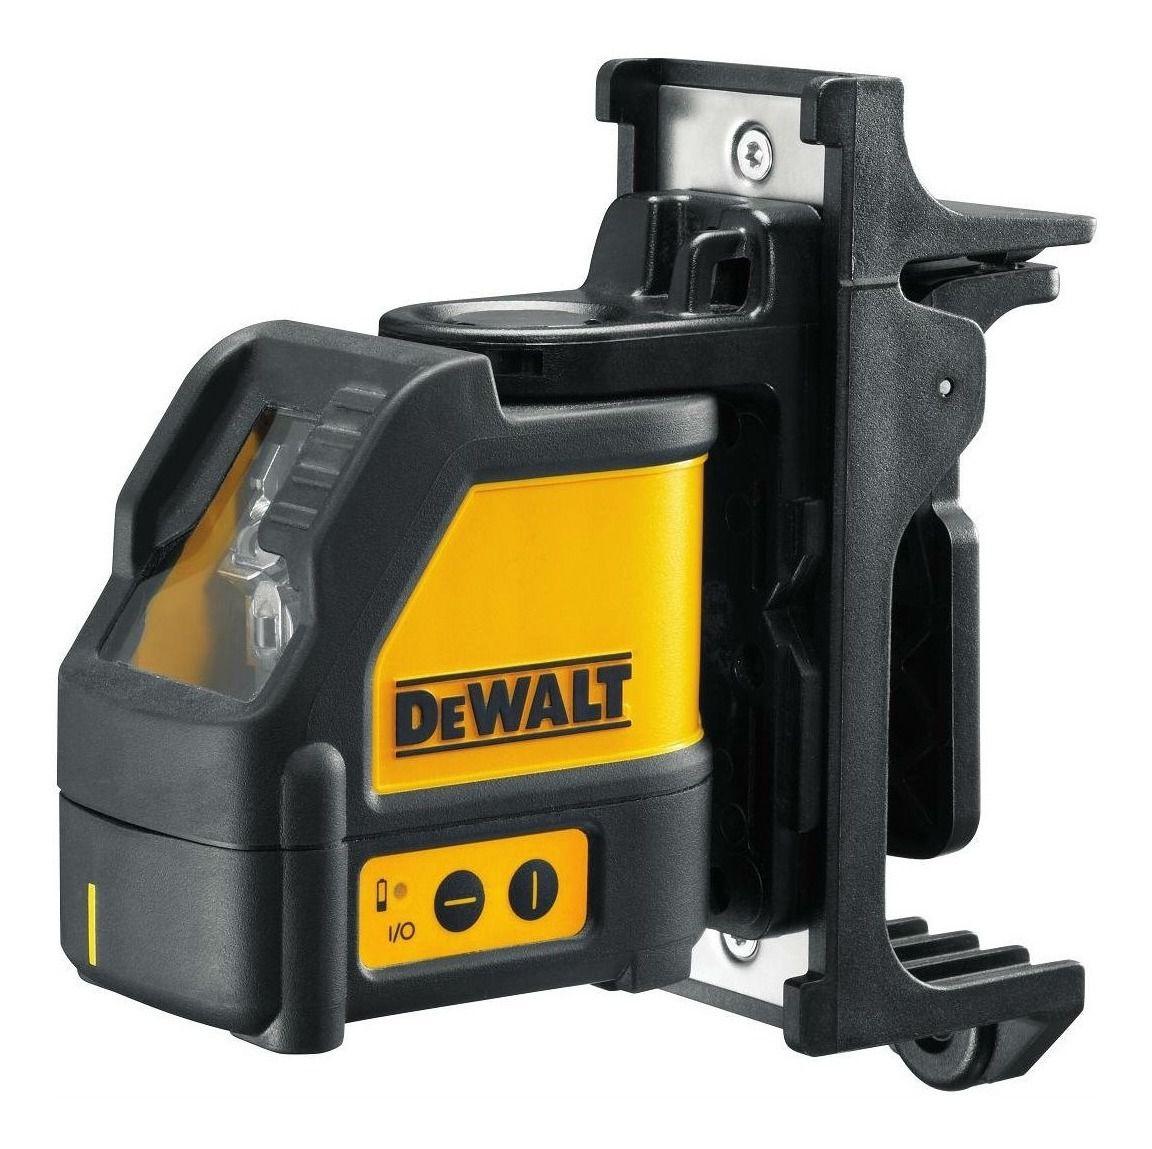 Nível à Laser Automático com Alcance de 15 metros DW088K DeWalt